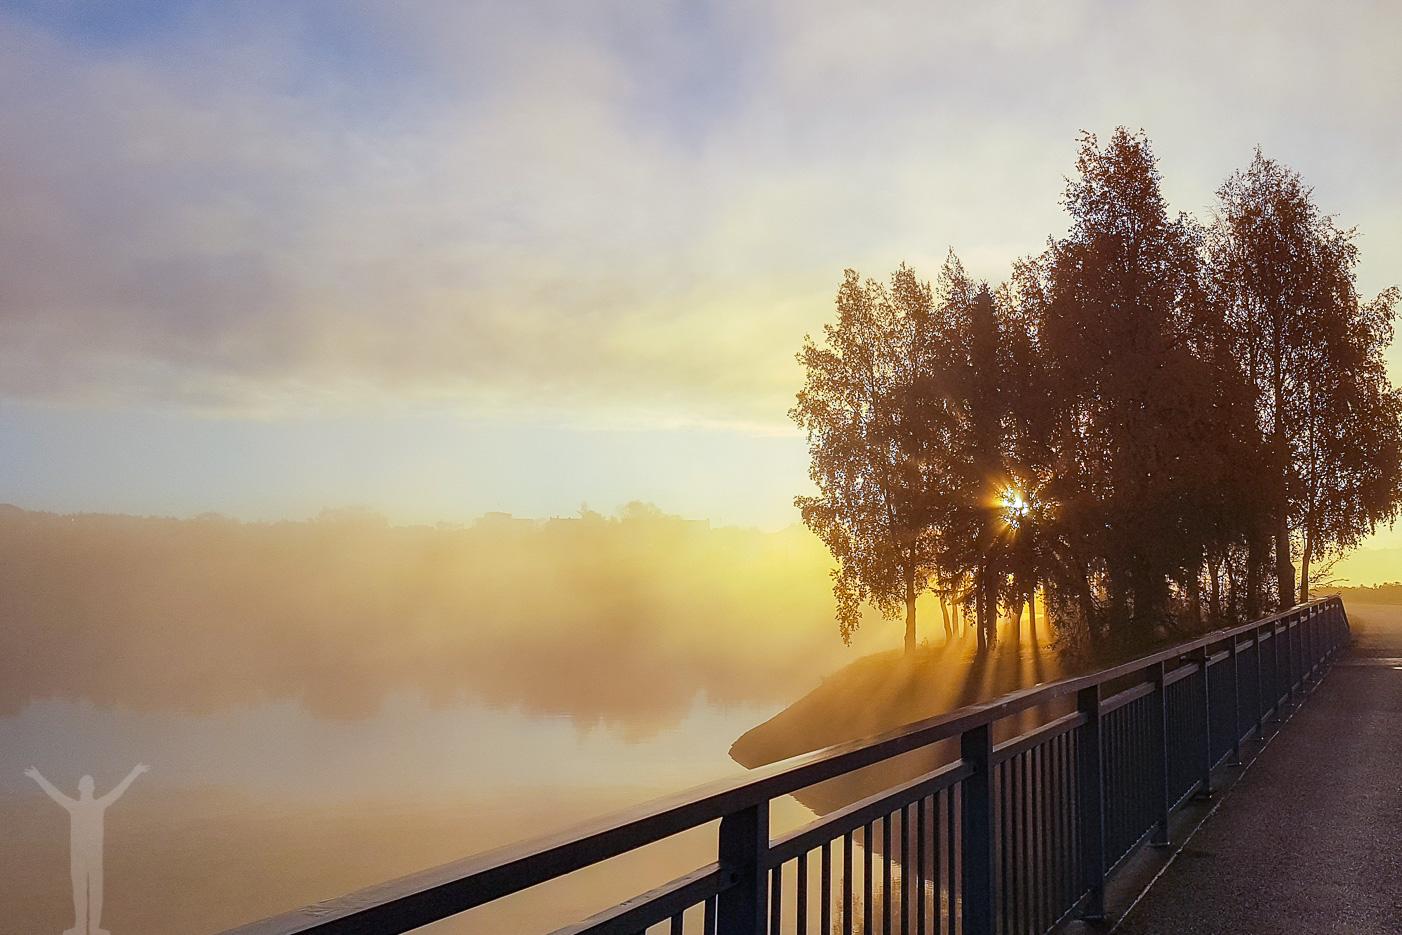 Gångbron från Frösön till Östersund